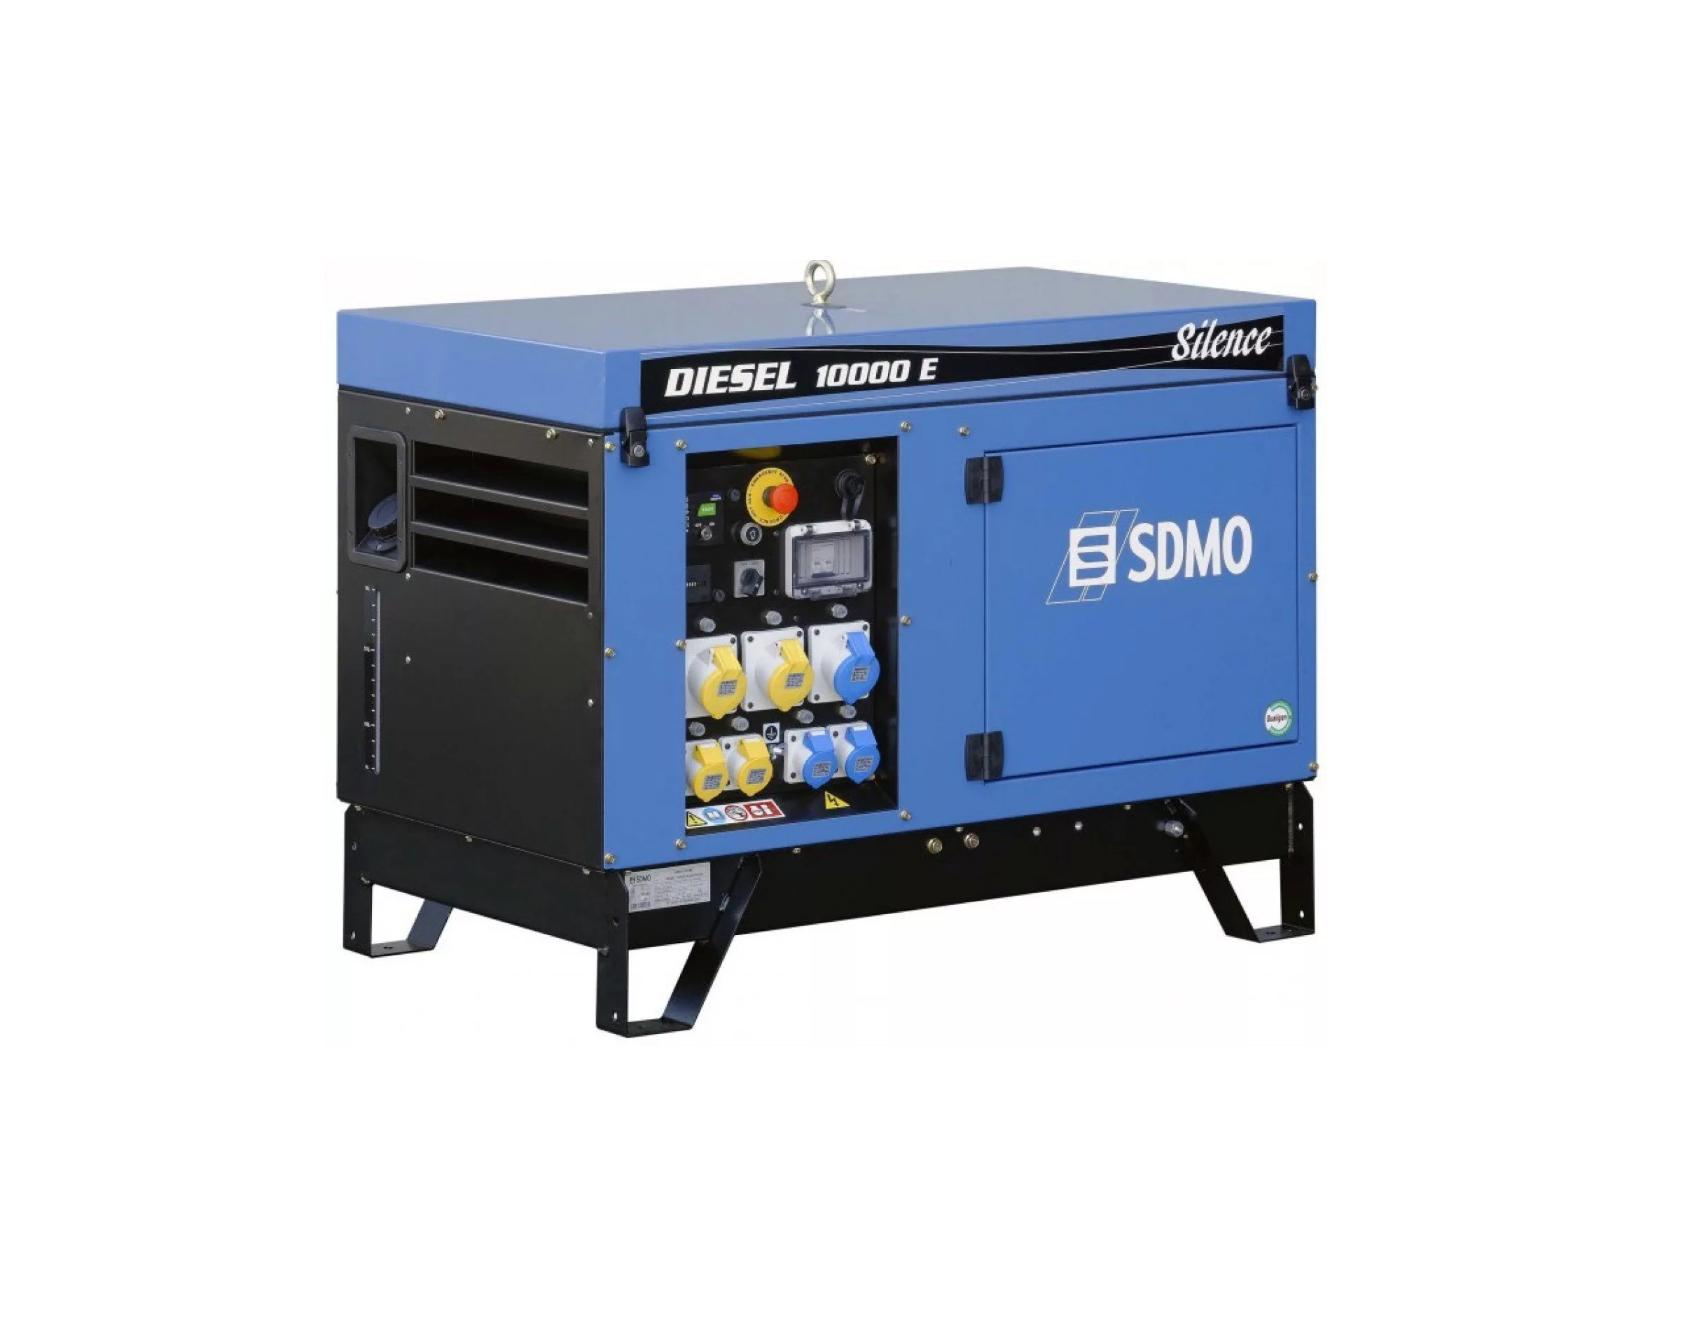 Дизельный генератор (электростанция) SDMO DIESEL 10000 E SILENCE